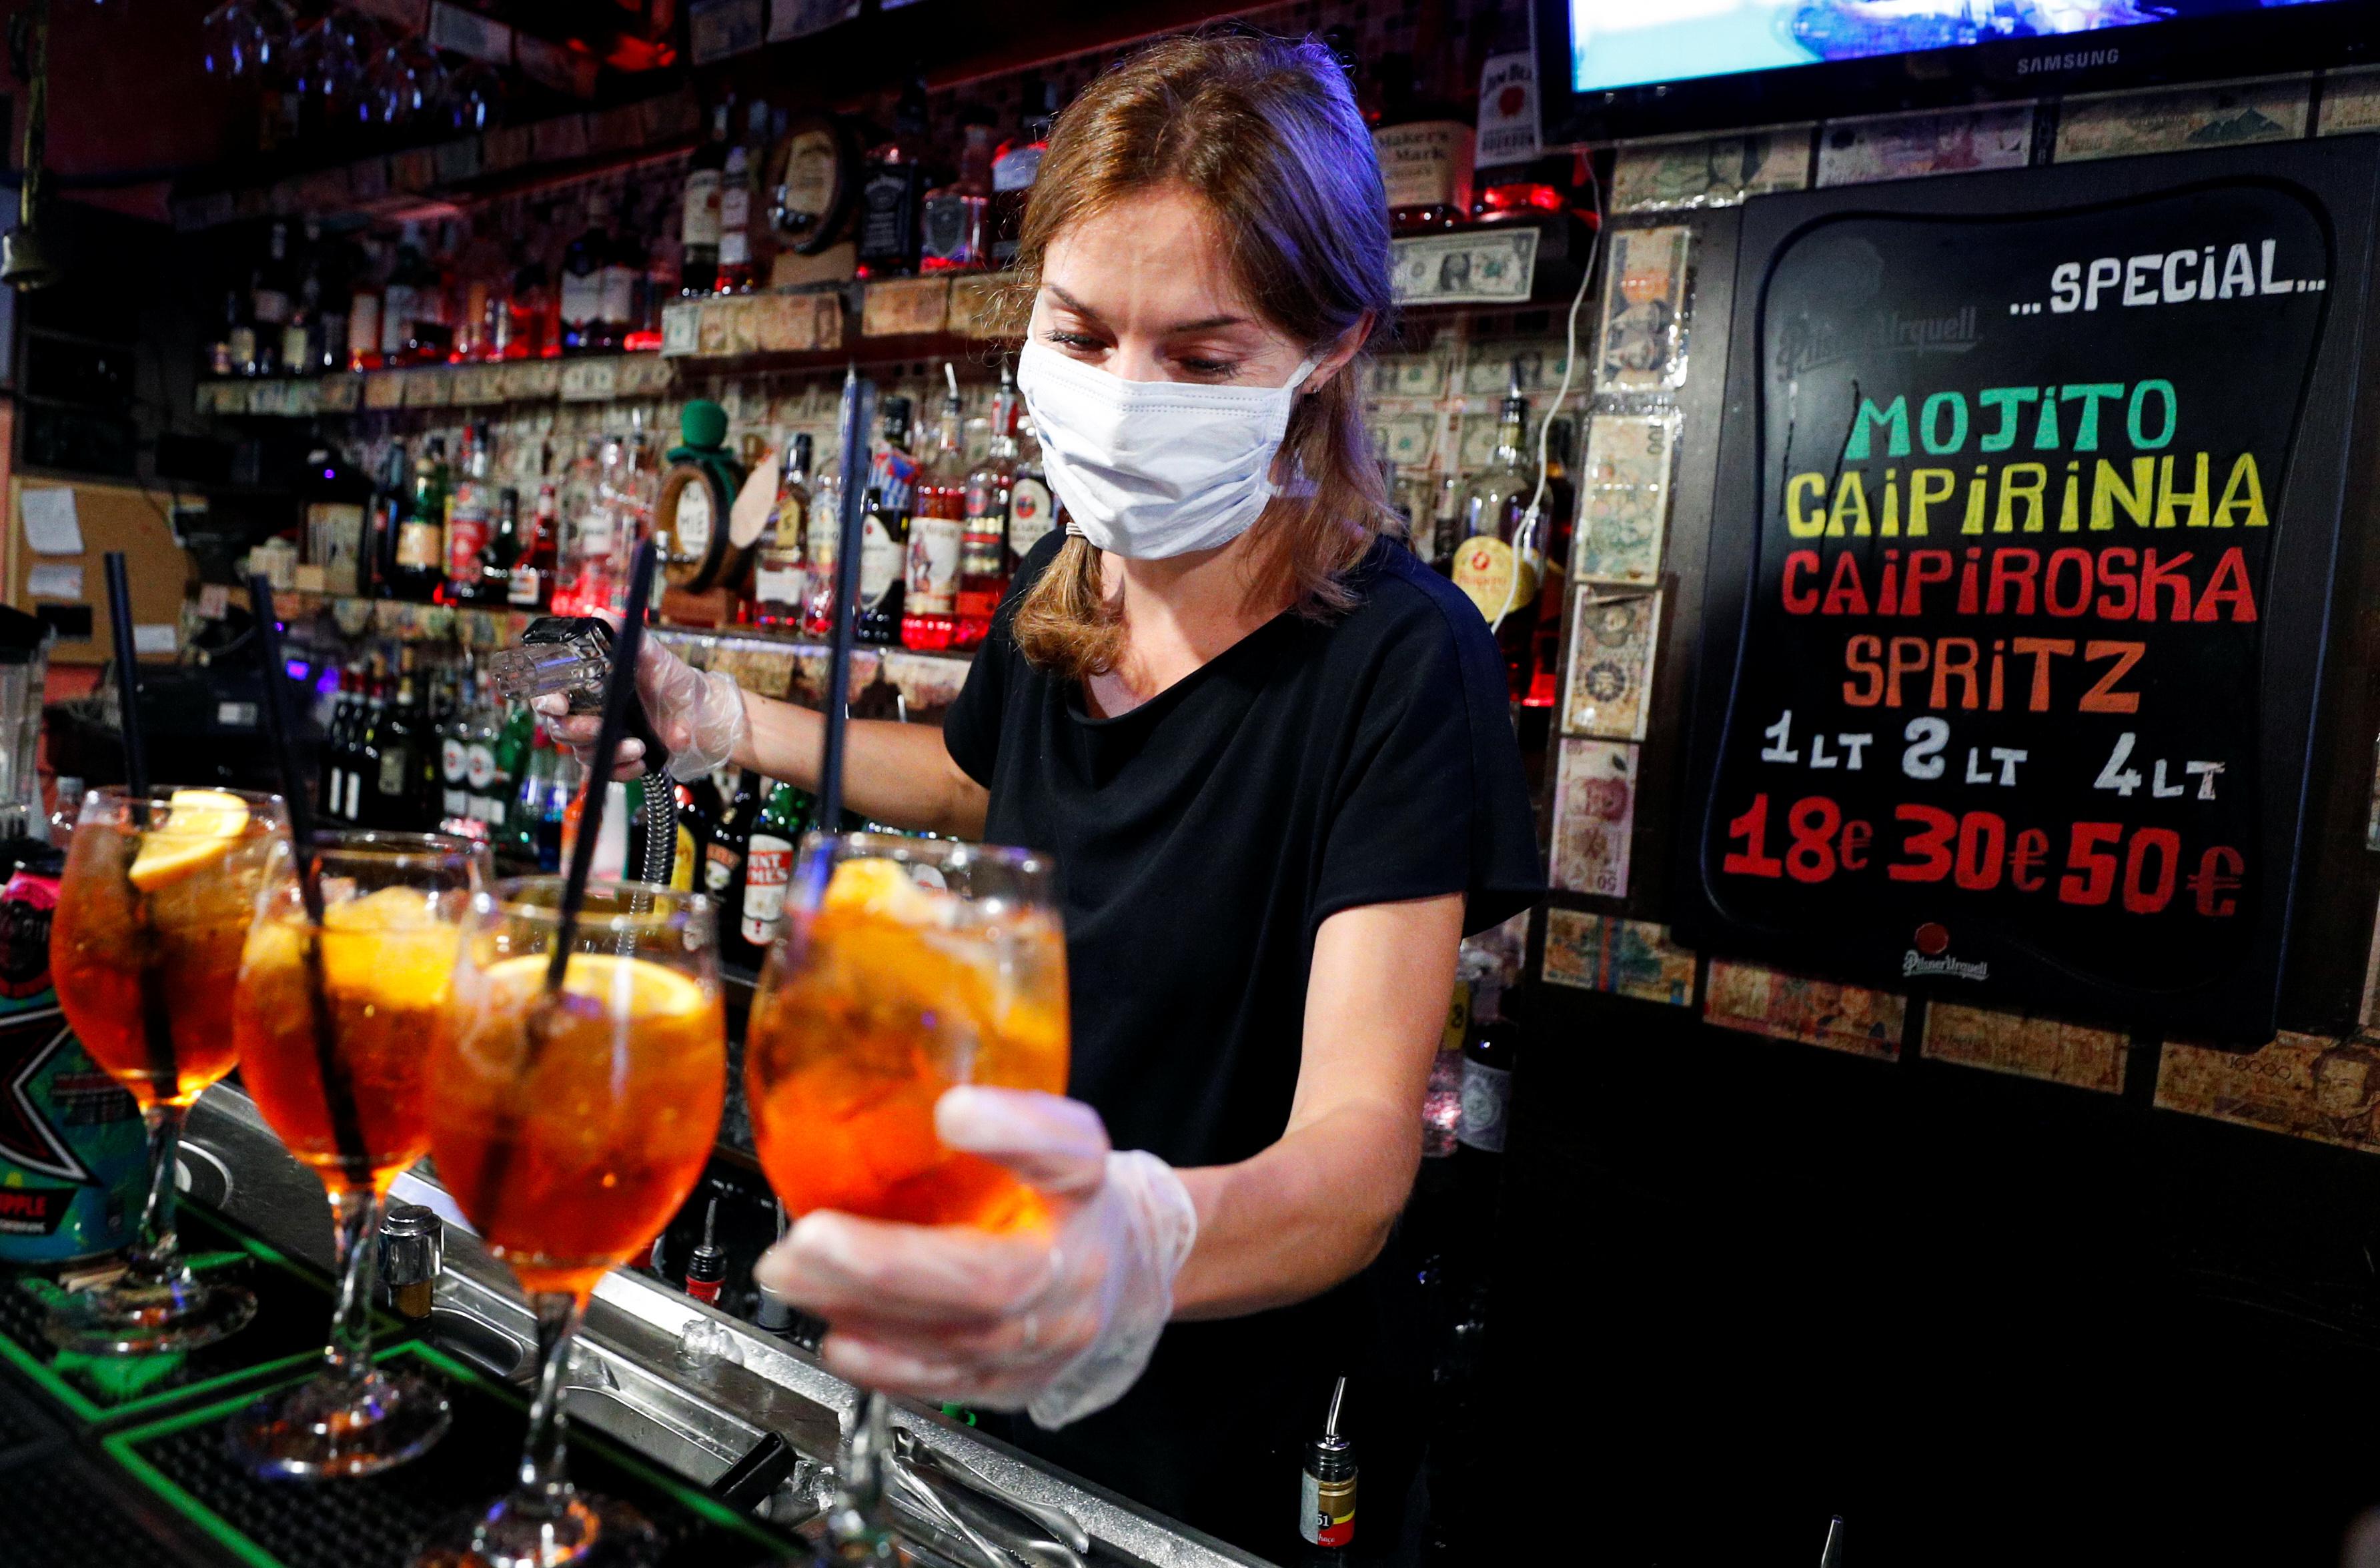 Una bartender prepara unos tragos en un bar de Trastevere, en Roma (REUTERS/Guglielmo Mangiapane)